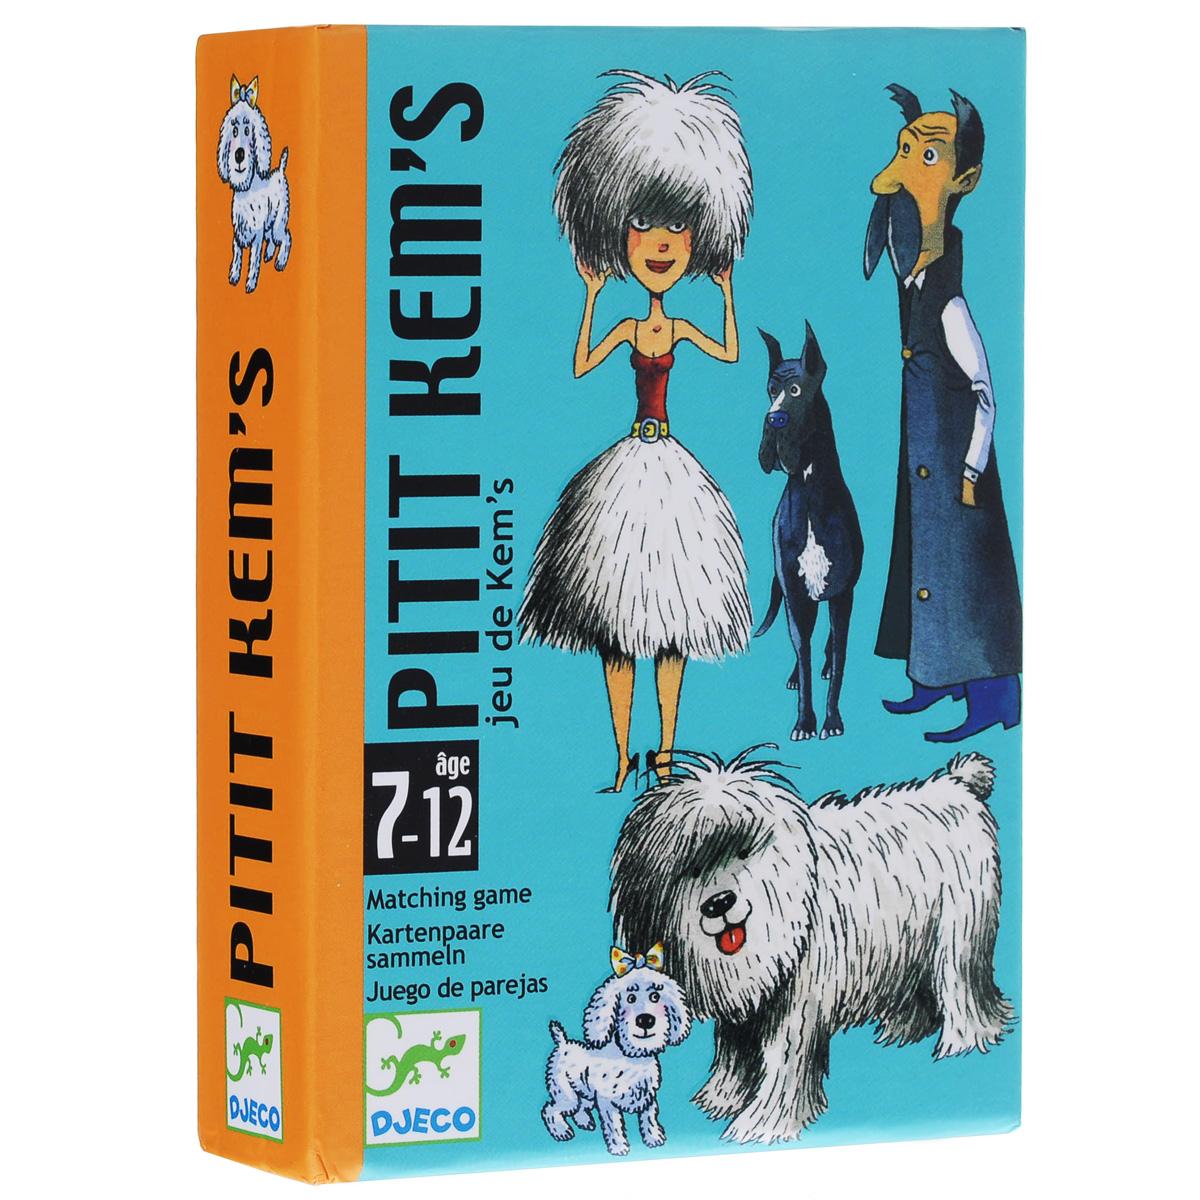 Карточная игра Djeco Пити05127Увлекательная настольная игра на внимательность и сообразительность понравится каждому ребенку. Цель игры – объединить собаку и её владельца, подать тайный знак партнеру и первыми выкрикнуть пароль. Карточную игру Пити в удобной упаковке всегда можно взять с собой на прогулку или в путешествие. Карточная игра Пити прекрасно подойдет в качестве развлечения для любого детского праздника. Игра развивает логическое мышление и внимательность. Ориентировочное время игры 15 минут.